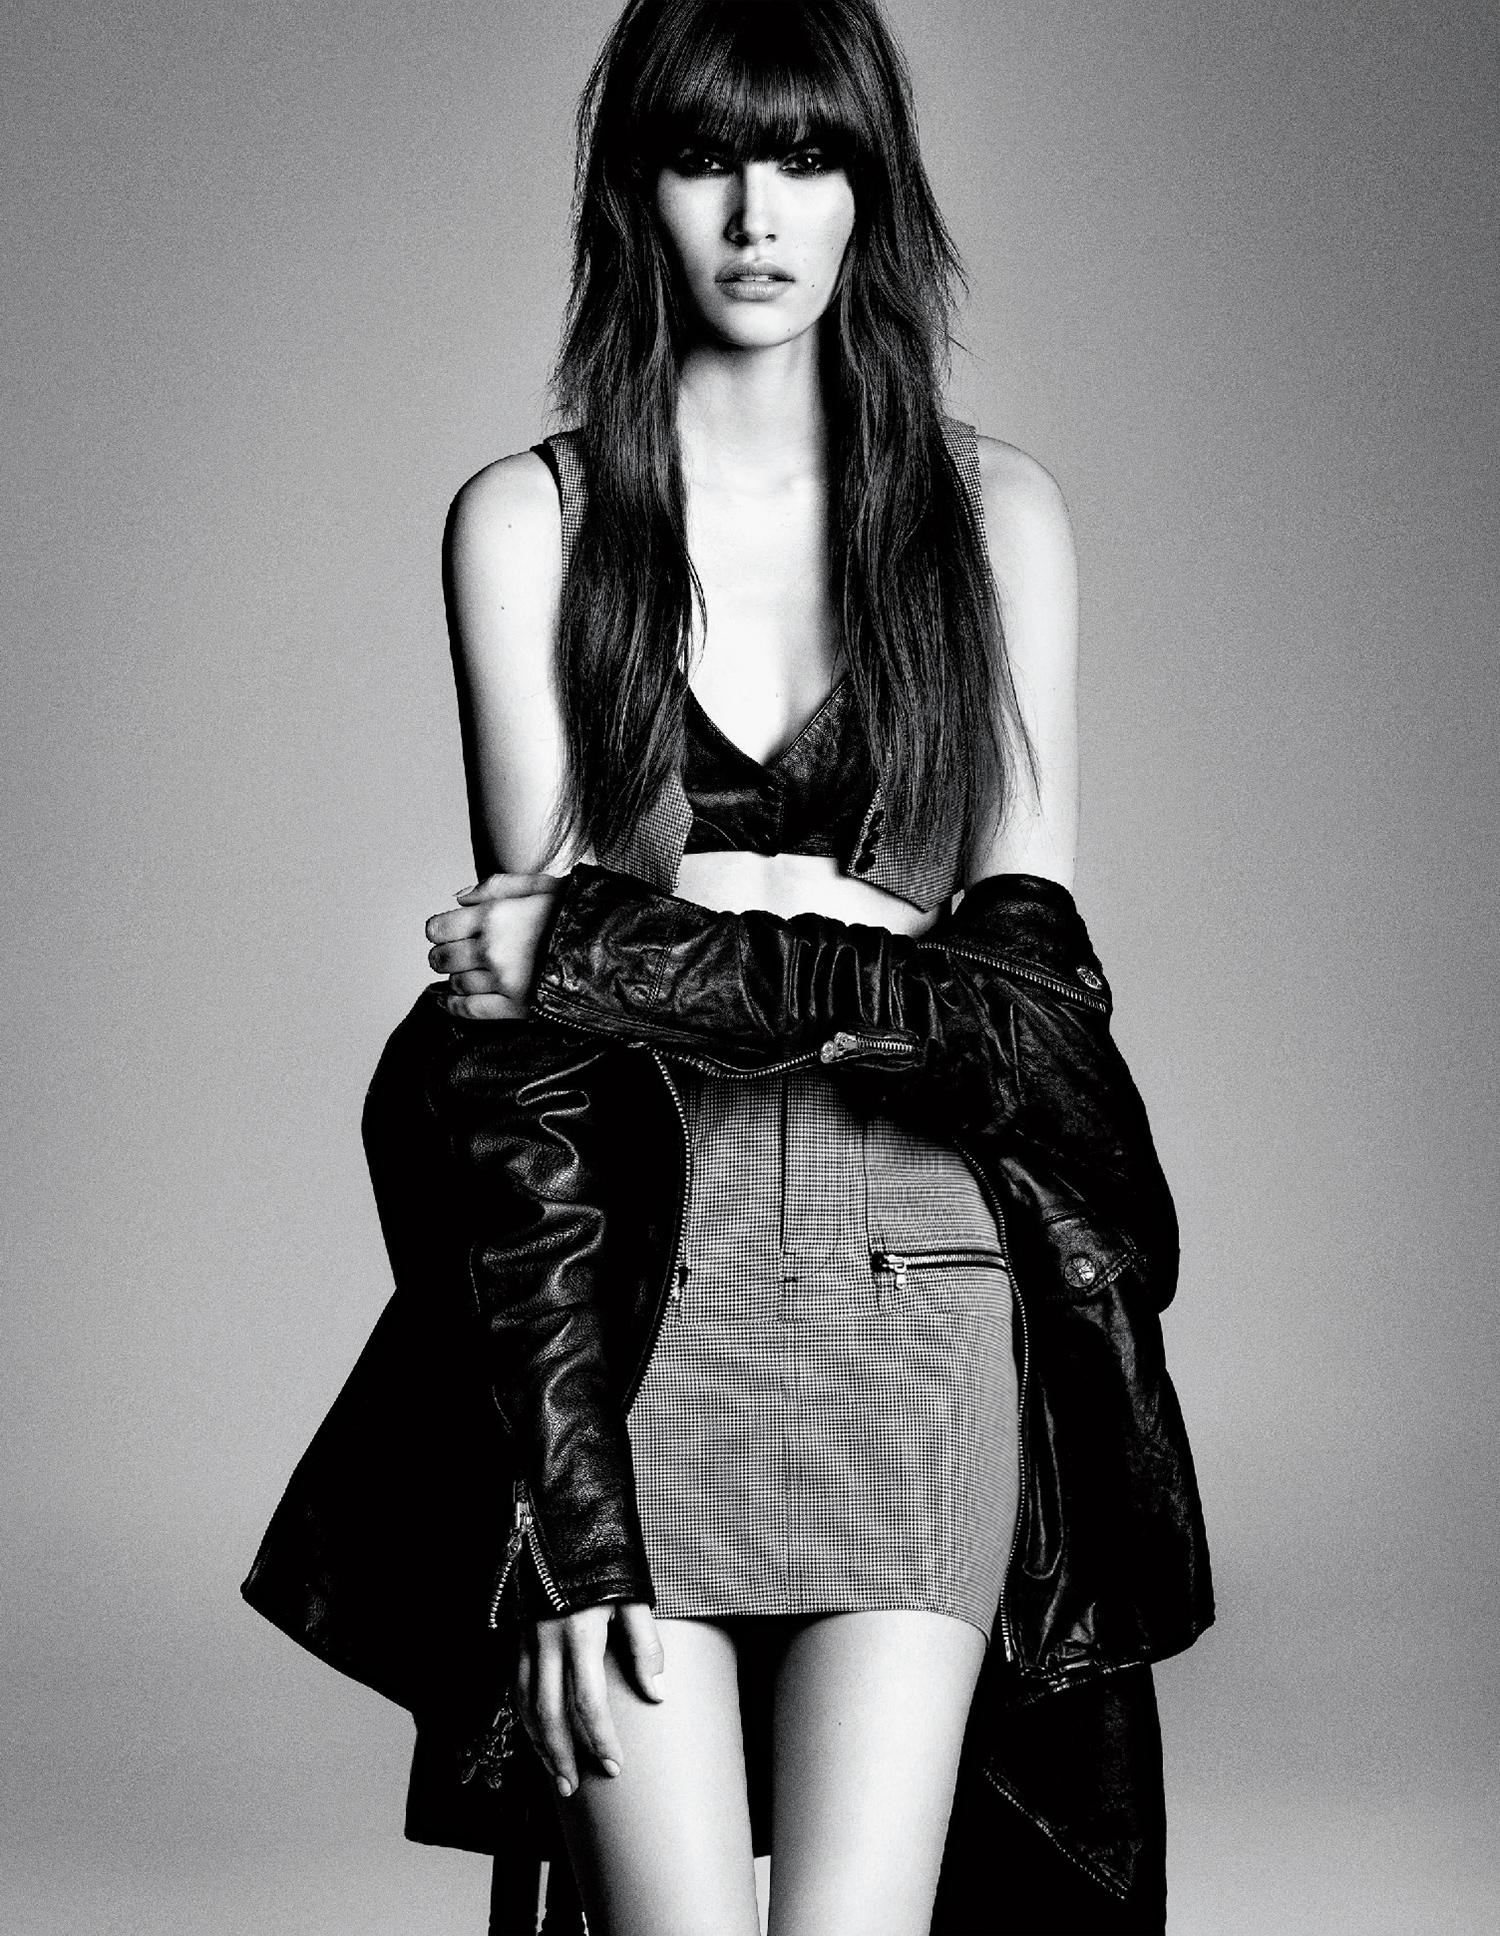 Giovanna-Battaglia-Vogue-Japan-March-2015-Digital-Generation-20.jpg